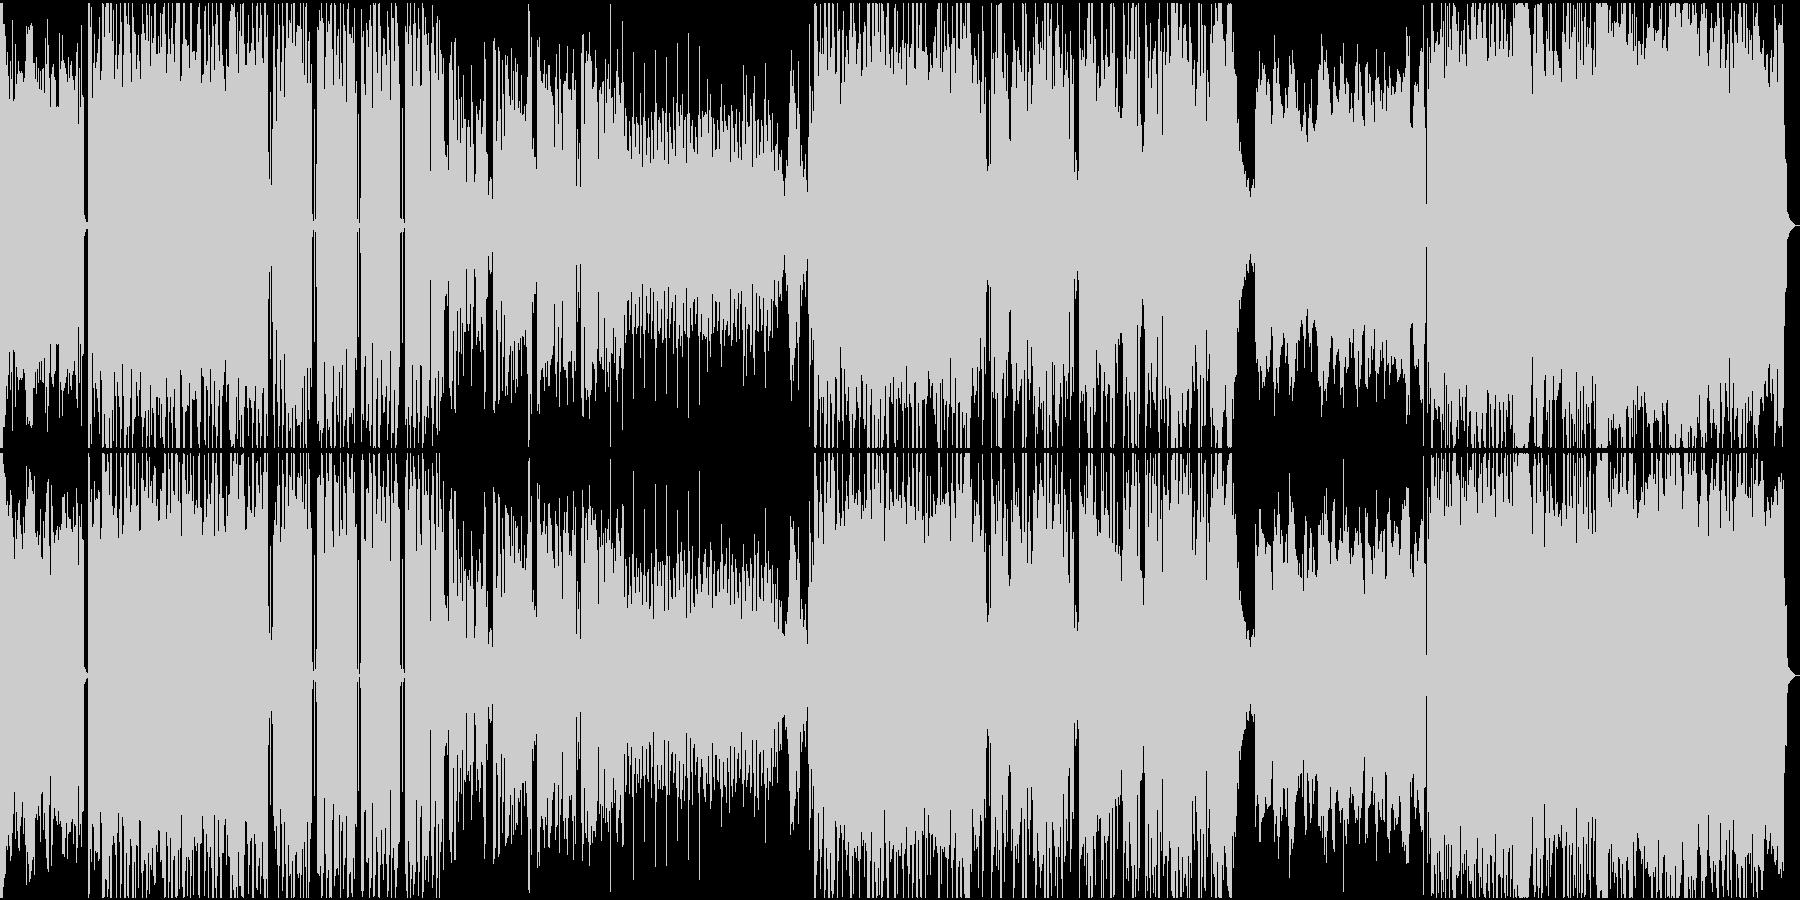 ロックテイストなトラップビートの未再生の波形